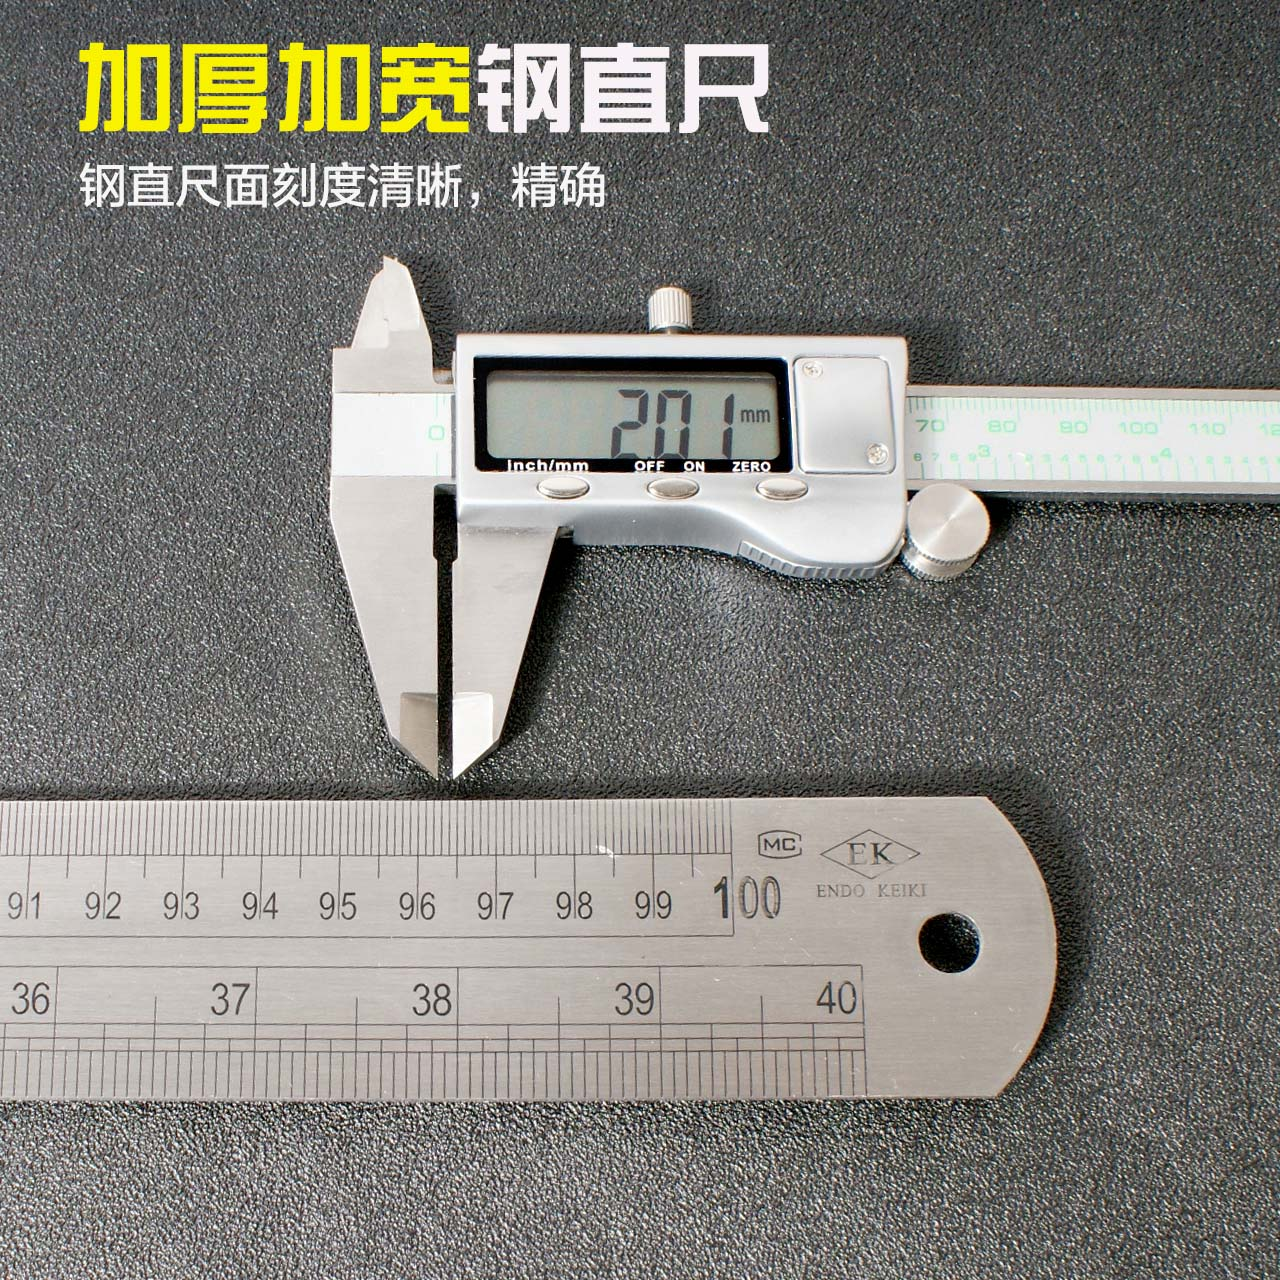 加厚不锈钢直尺长铁尺子30/60cm1/2米钢板尺特厚钢尺高精度钢直尺